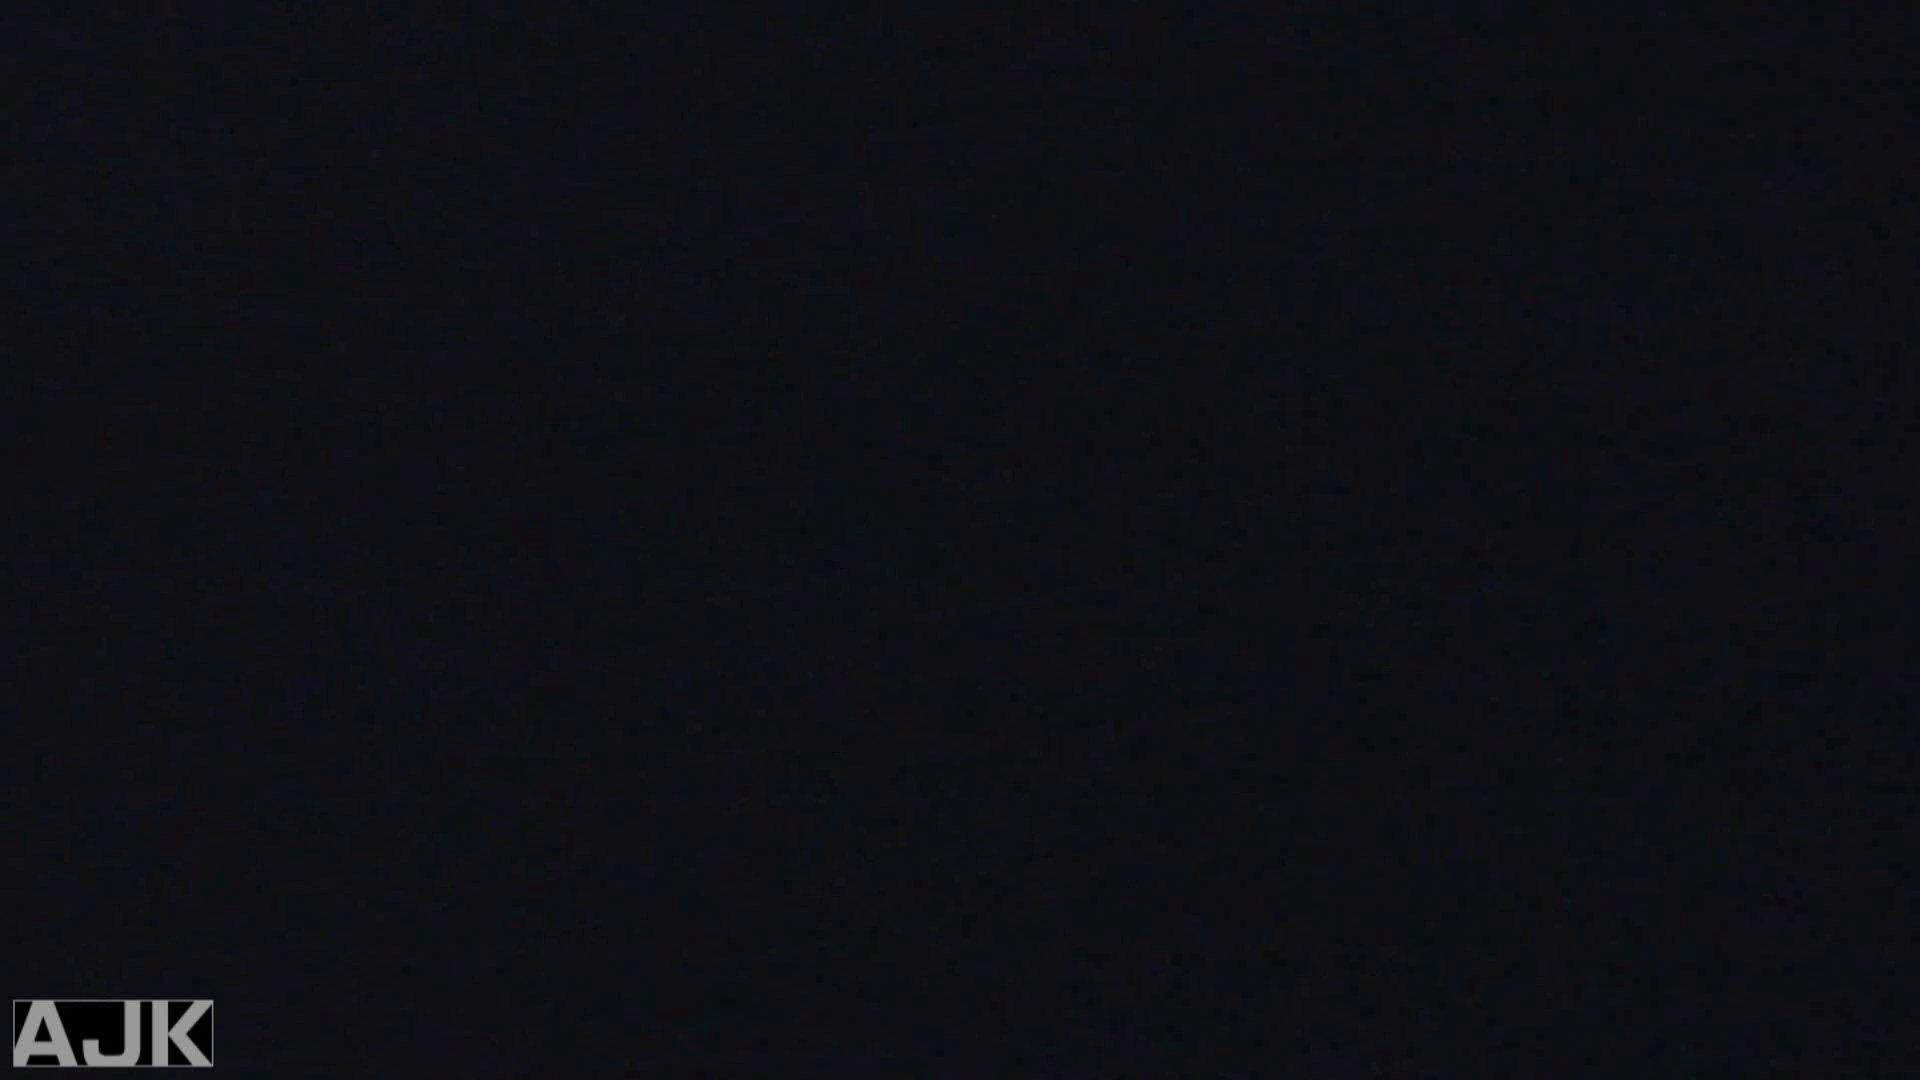 神降臨!史上最強の潜入かわや! vol.24 潜入 隠し撮りAV無料 87連発 10